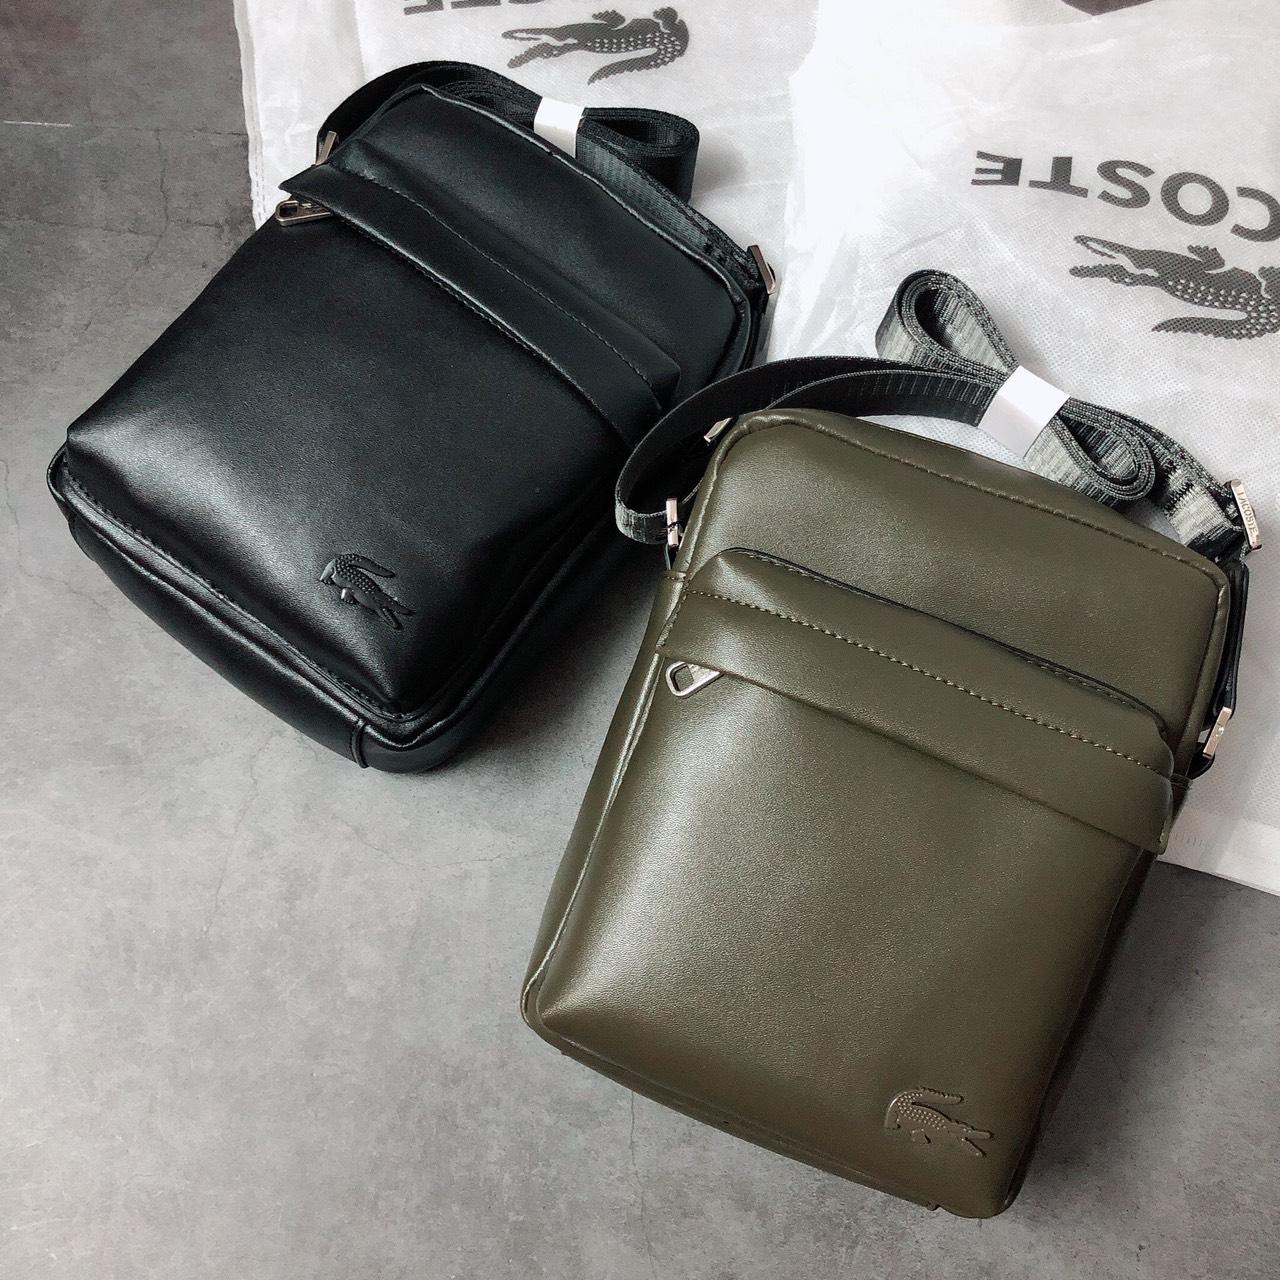 Túi Lacoste đeo chéo 2 ngăn trơn - XK834